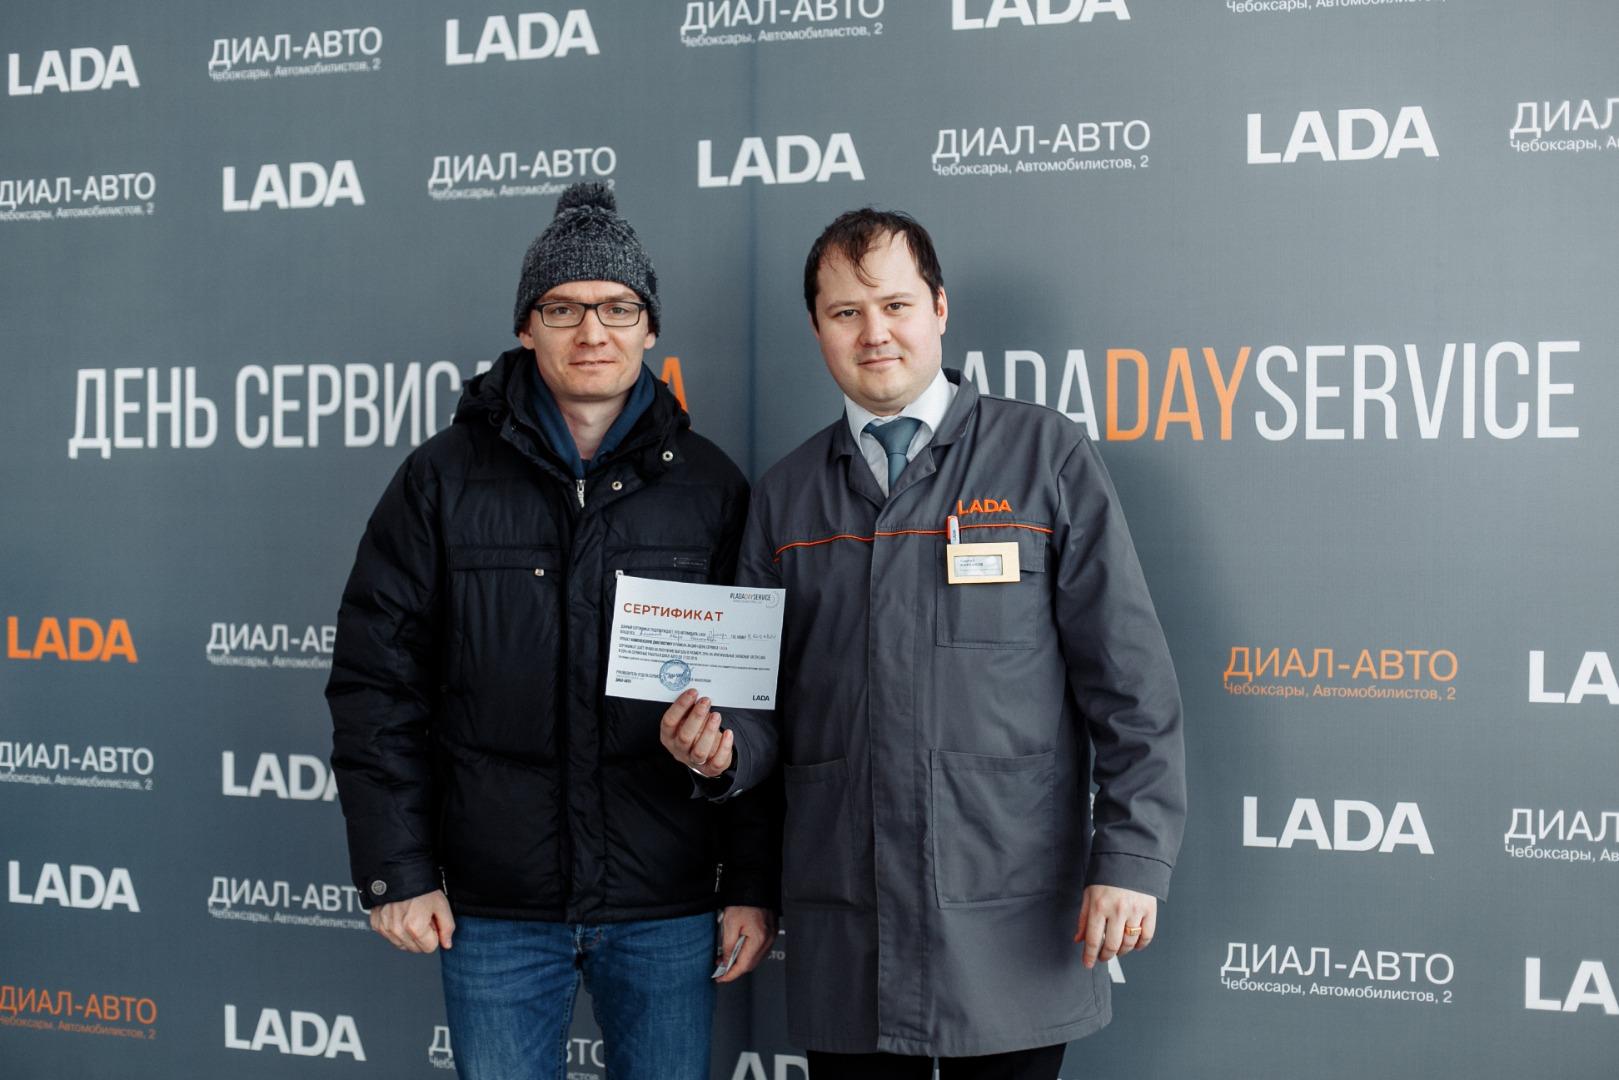 В Чебоксарах прошел Lada Day Service в дилерском центре «Диал-Авто».